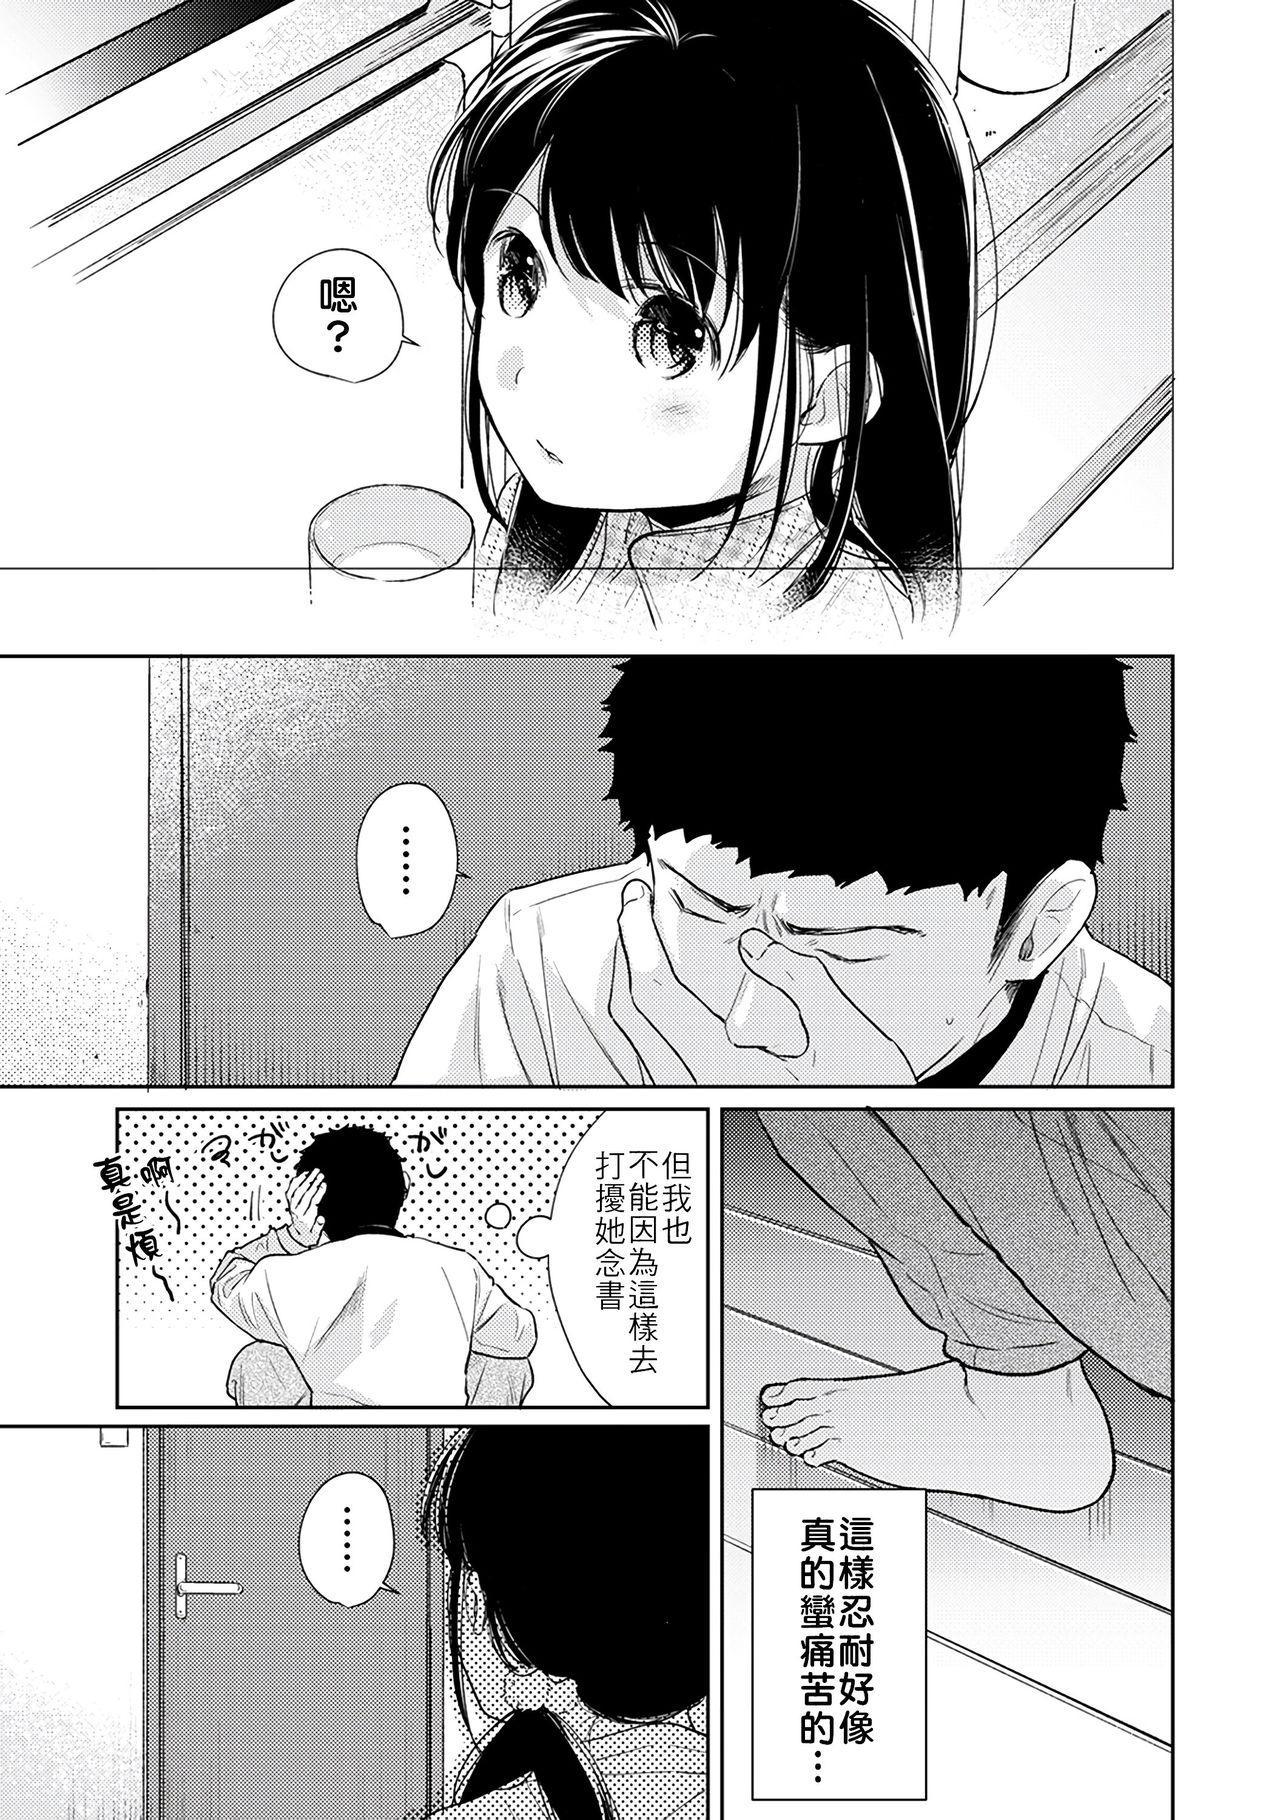 1LDK+JK Ikinari Doukyo? Micchaku!? Hatsu Ecchi!!?   1LDK+JK 突然間展開同居? 極度貼近!?初體驗!? Ch. 18-22 139